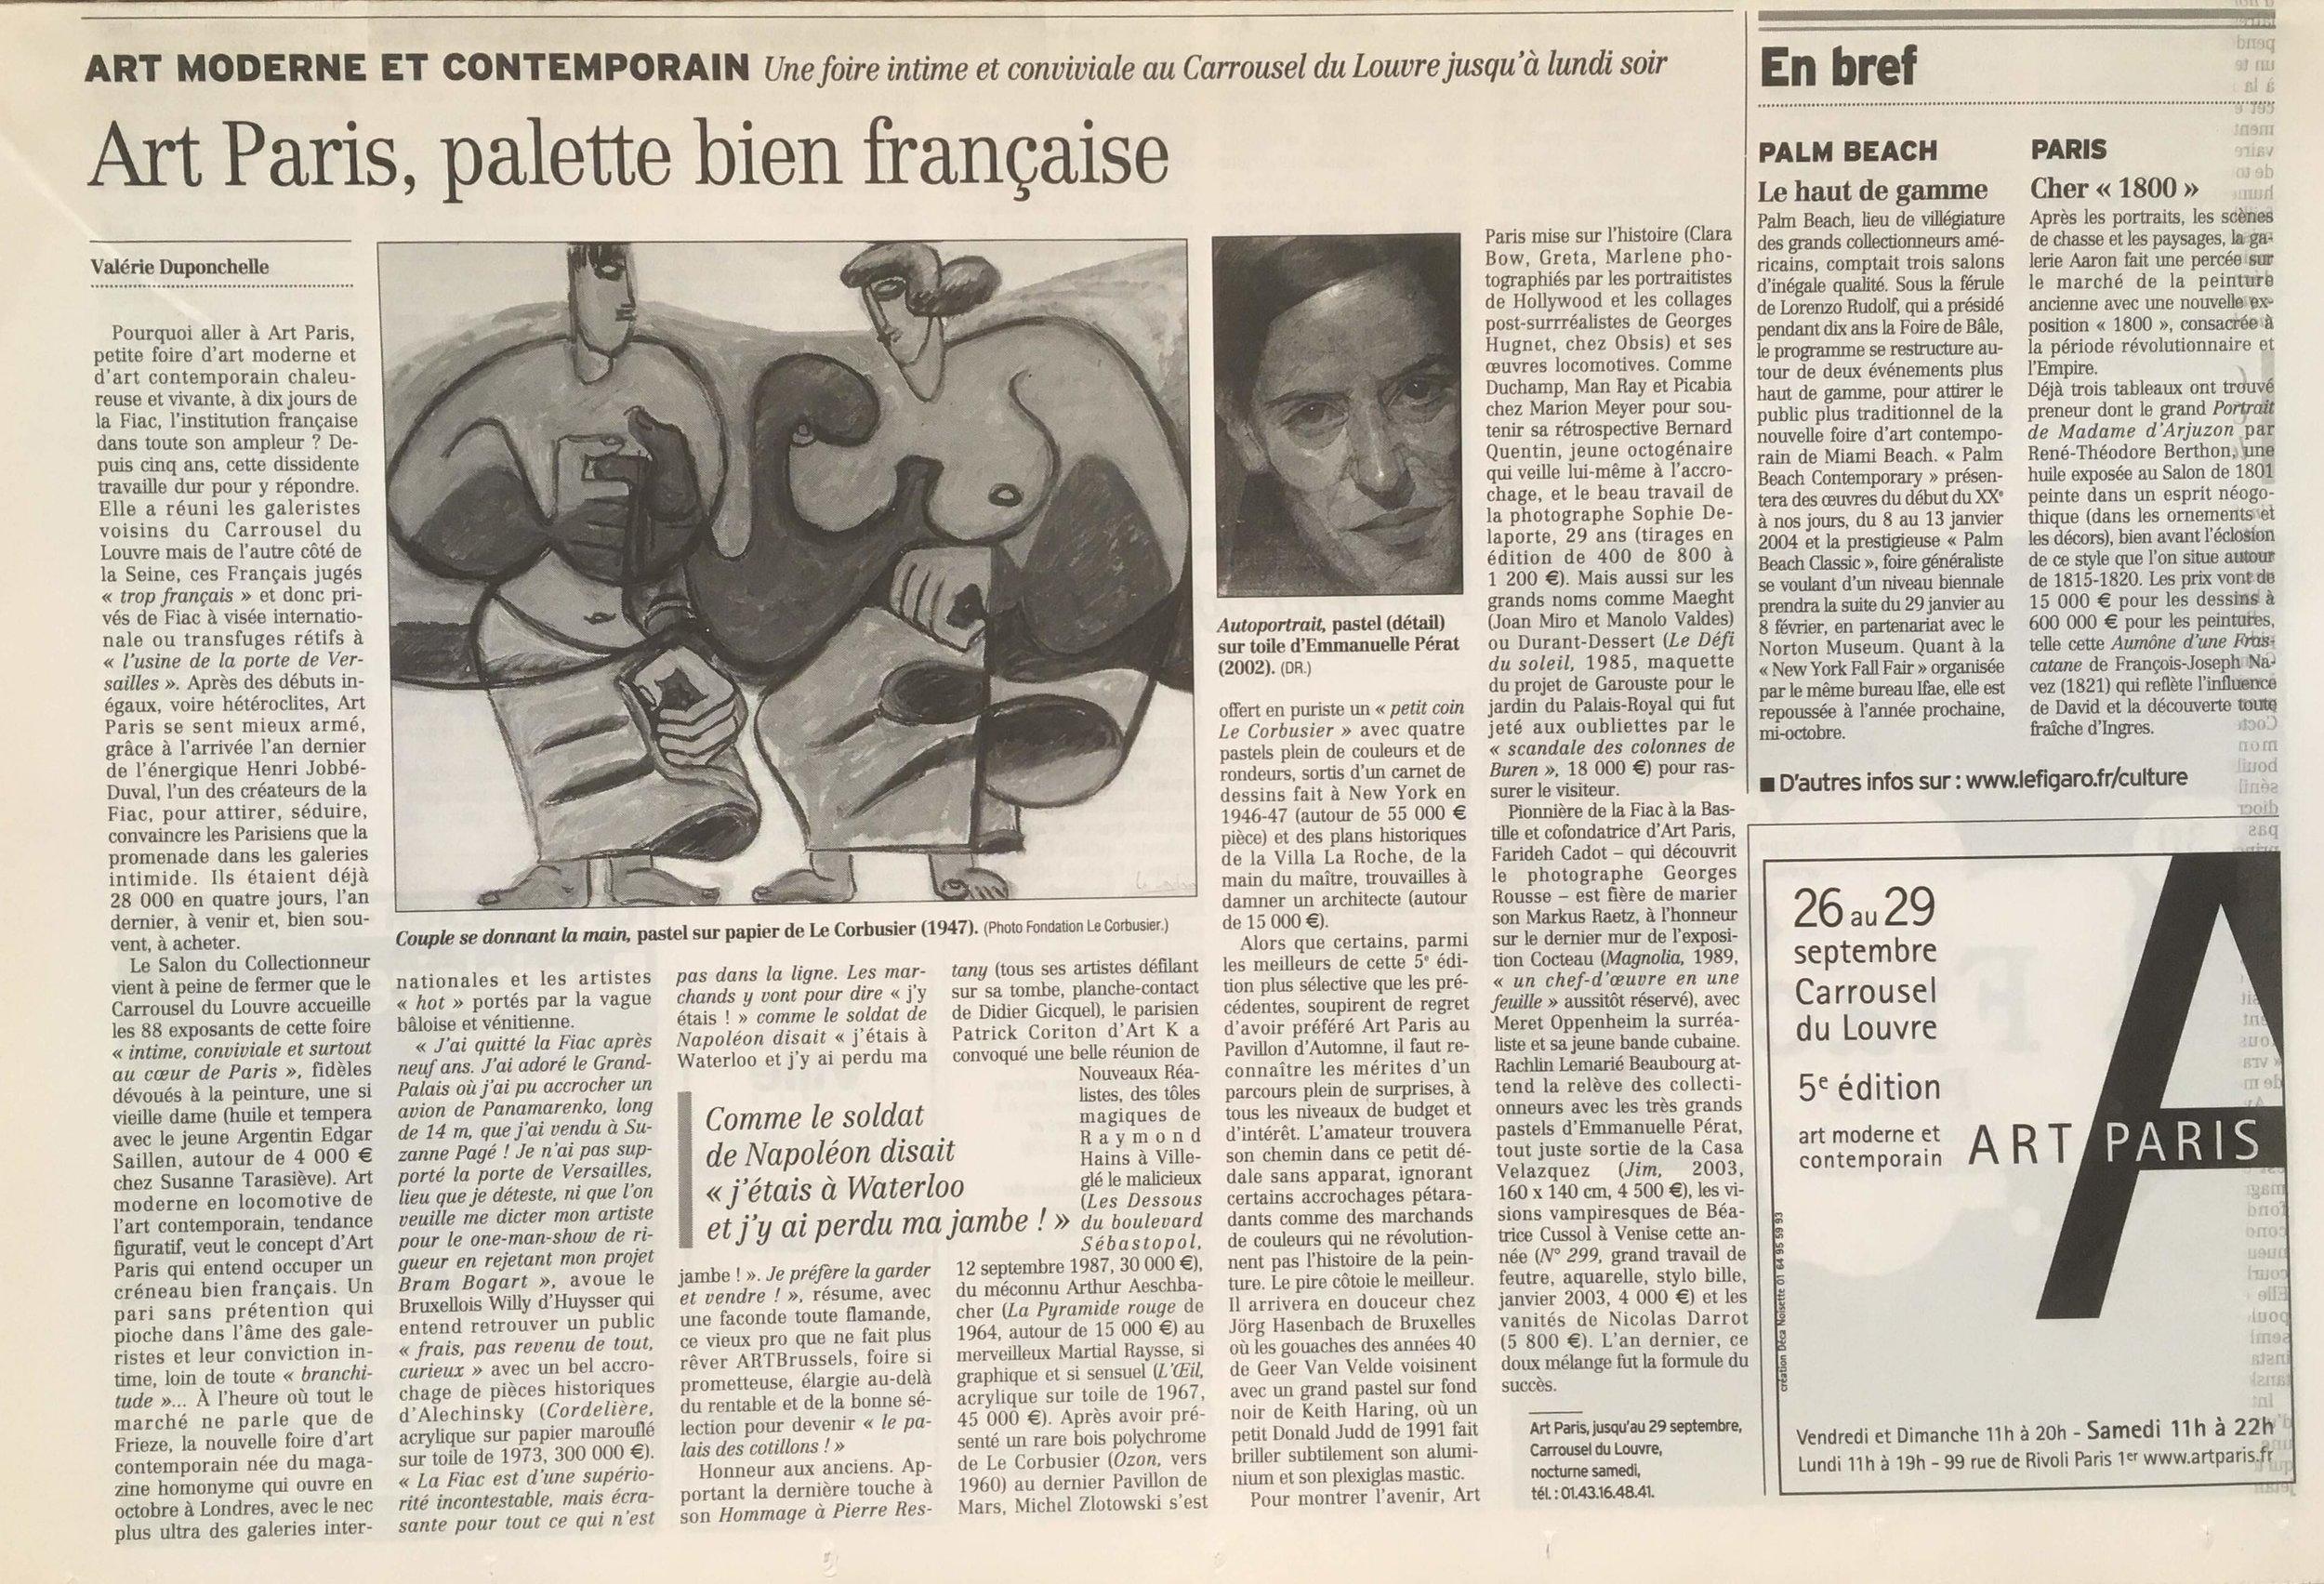 LE FIGARO Septembre 2003